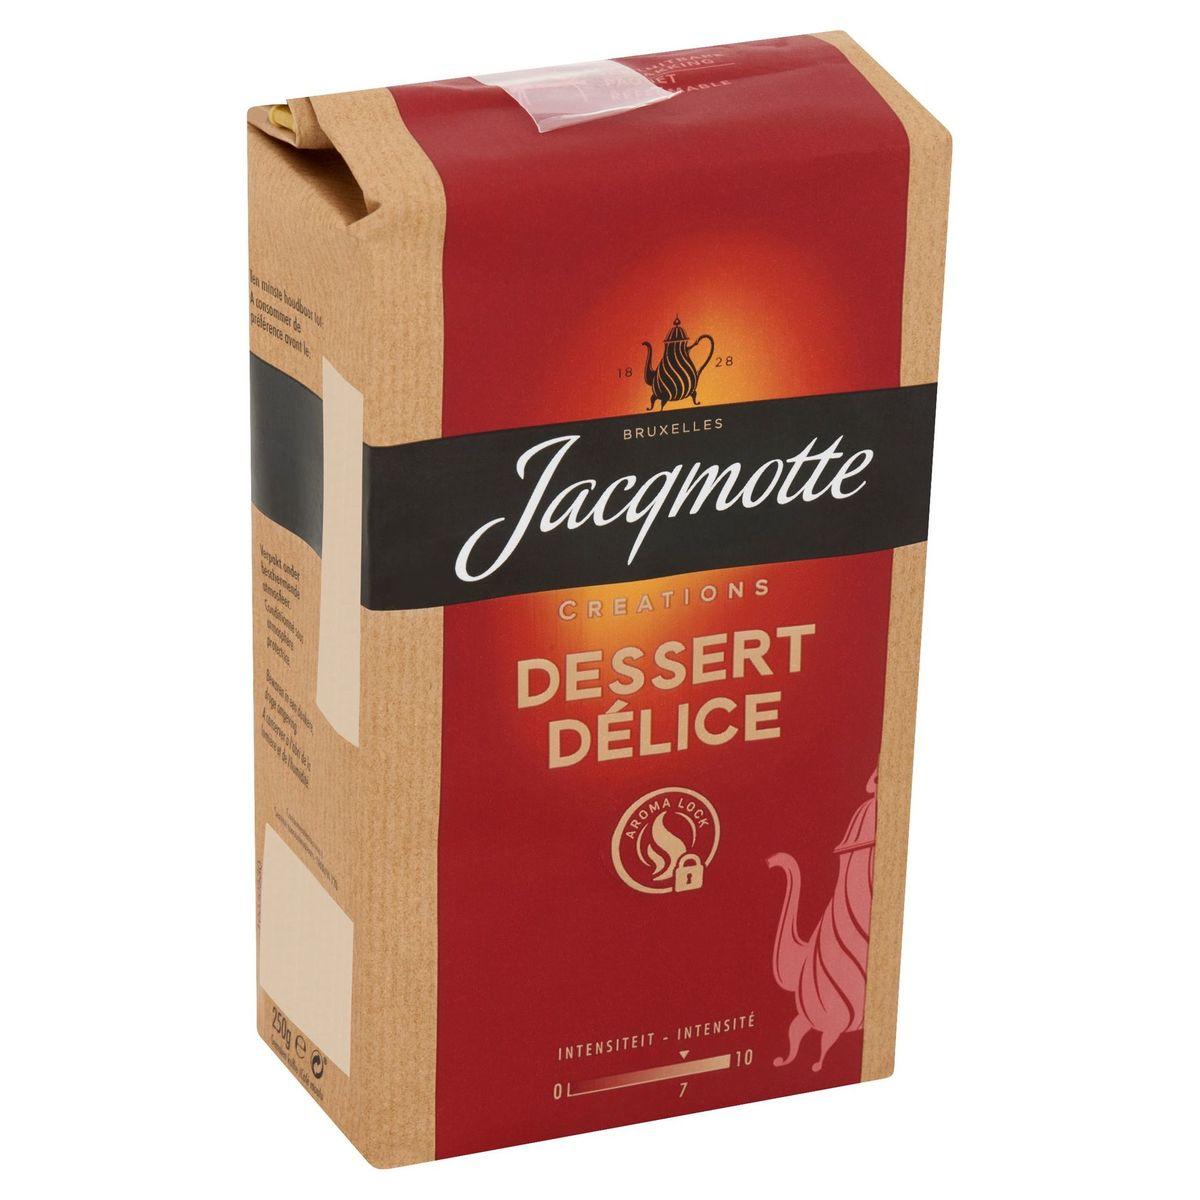 Jacqmotte Café Moulu Dessert Delice 250g